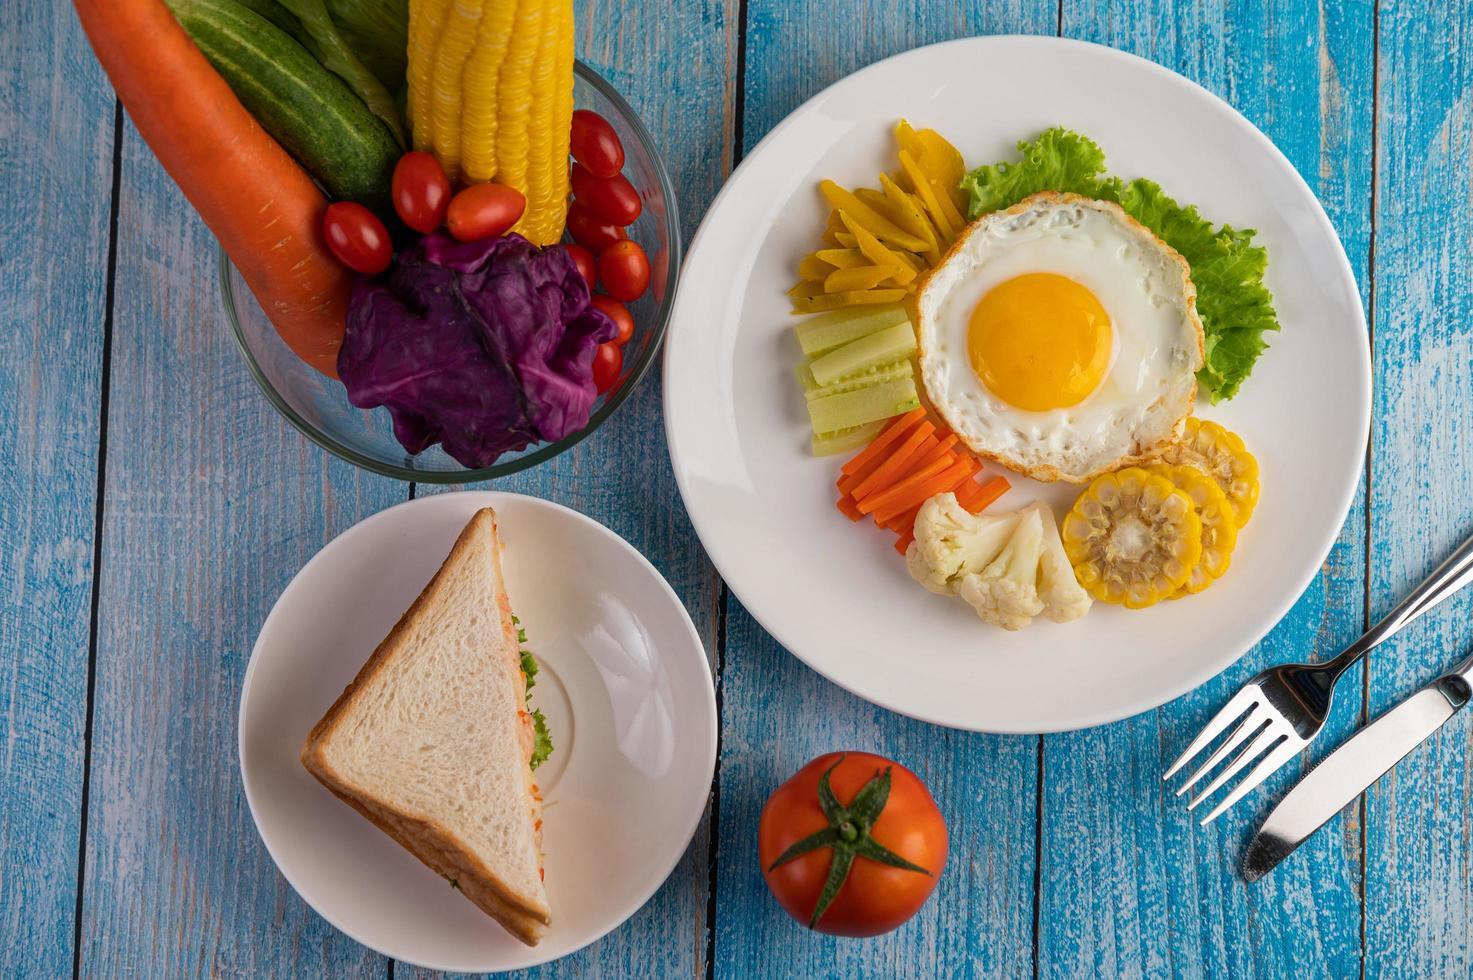 petit-déjeuner aux œufs frits avec œuf, salade, citrouille, concombre, carotte et maïs photo